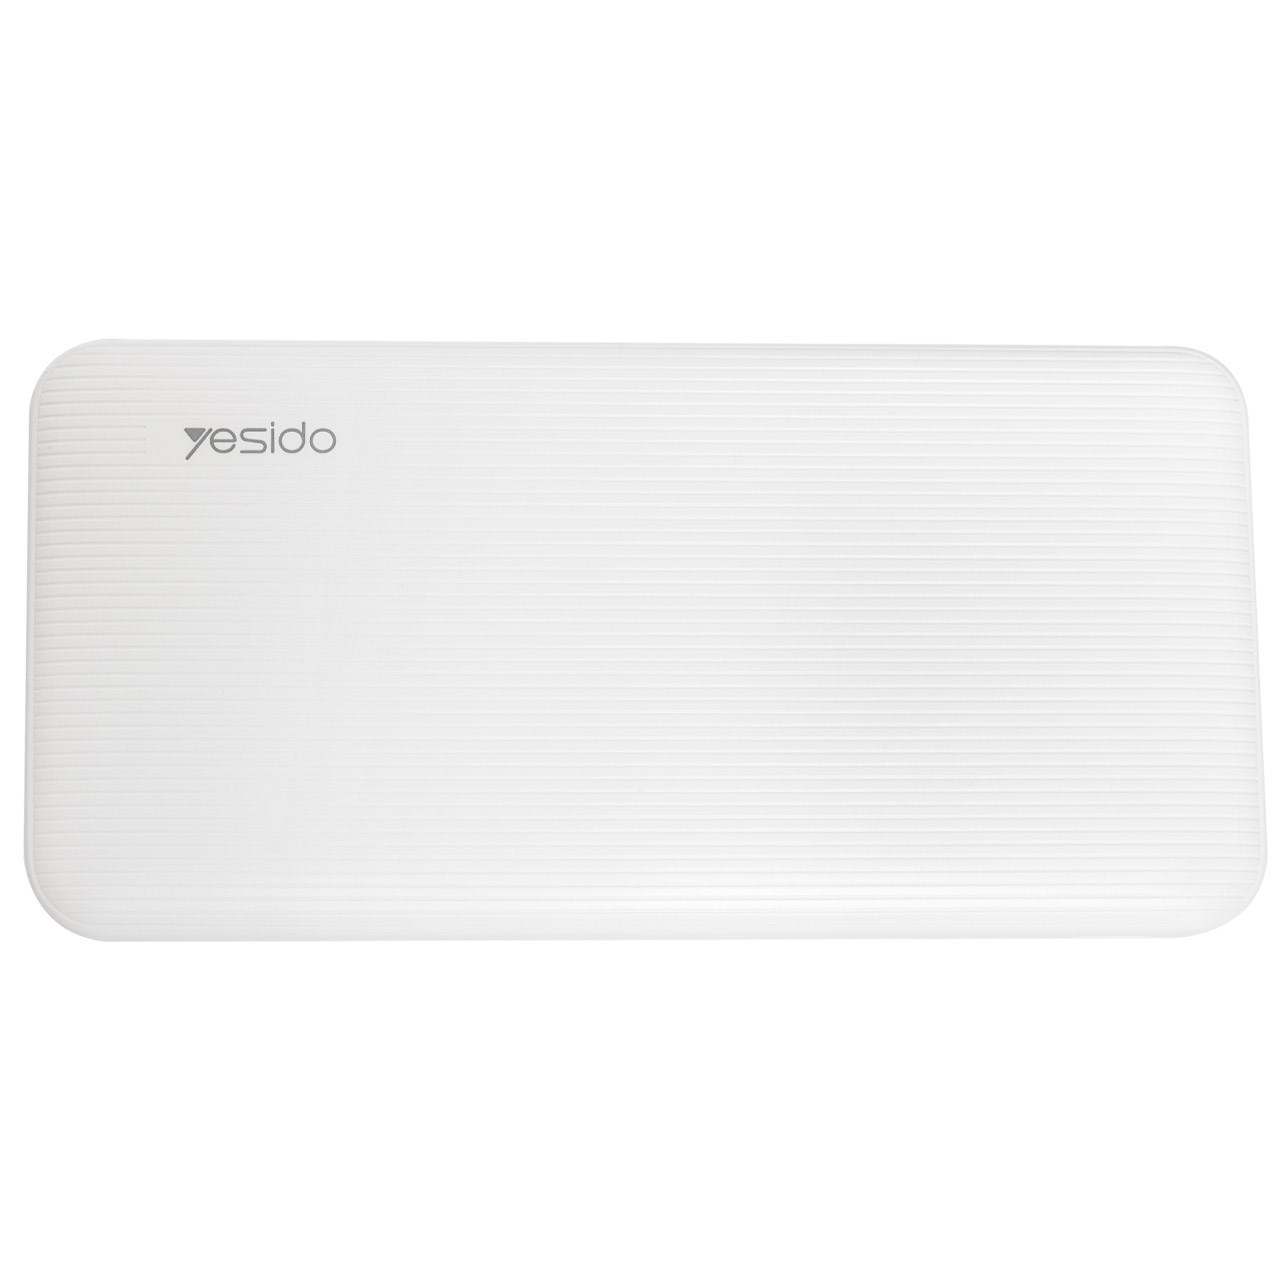 شارژر همراه یسیدو مدل YPB0001 ظرفیت 10000 میلی آمپر ساعت